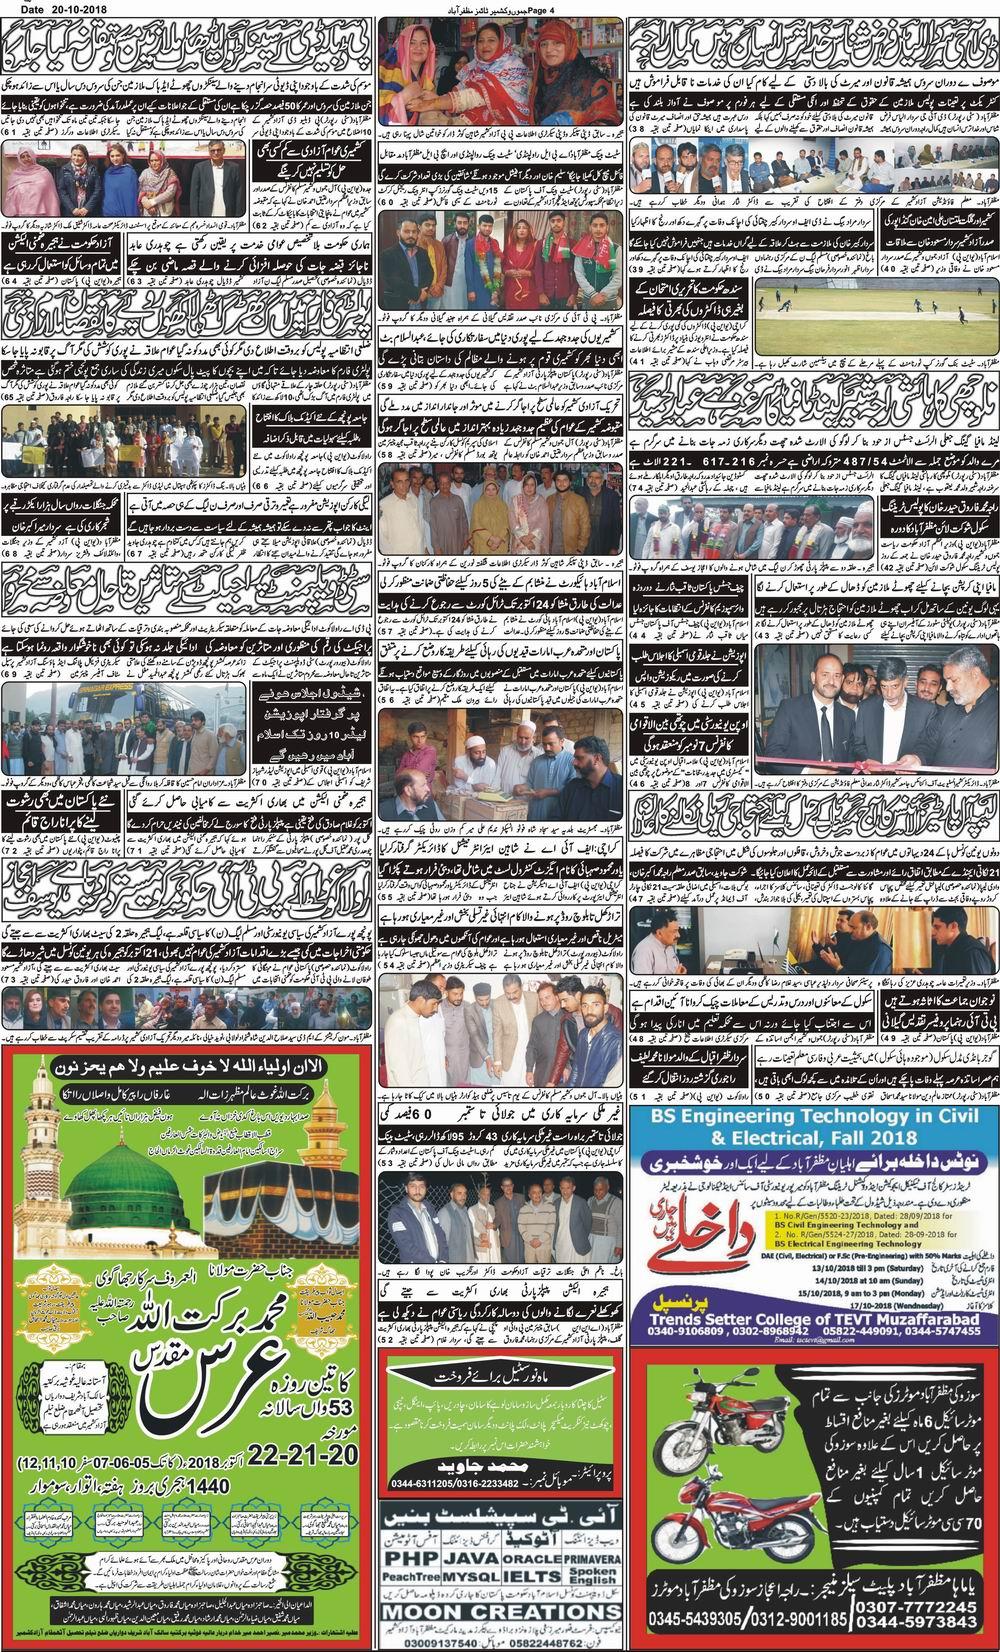 Daily mahasib muzaffarabad online dating